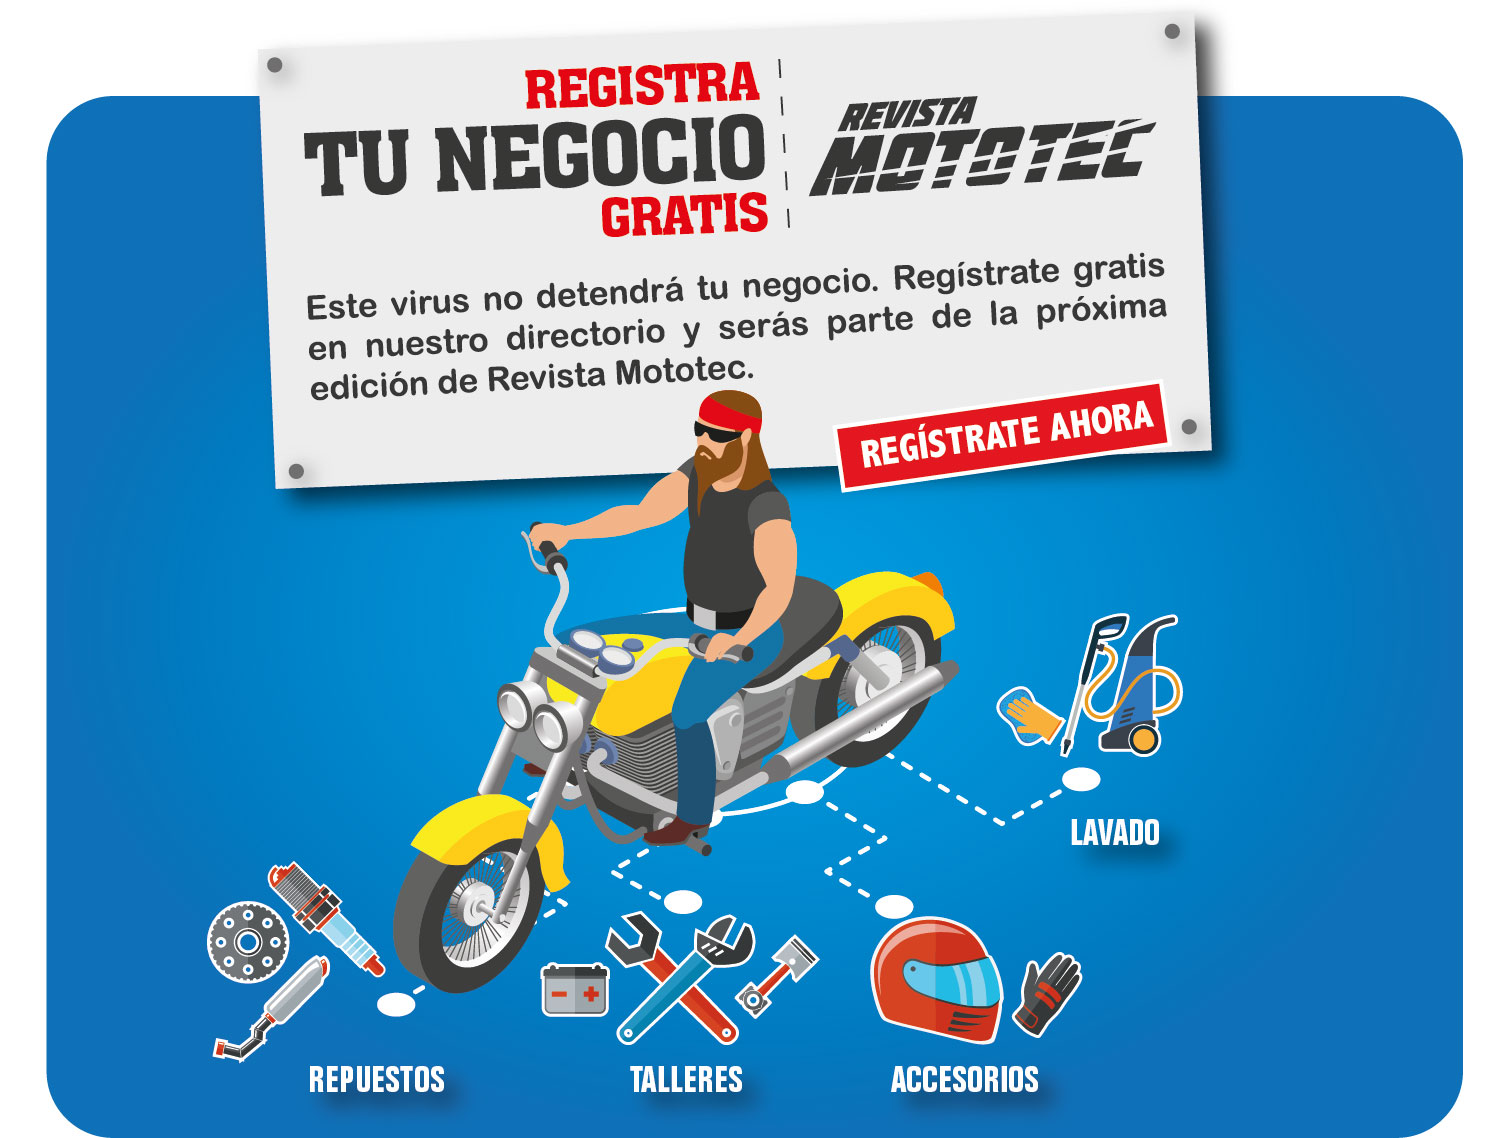 registroweb-05